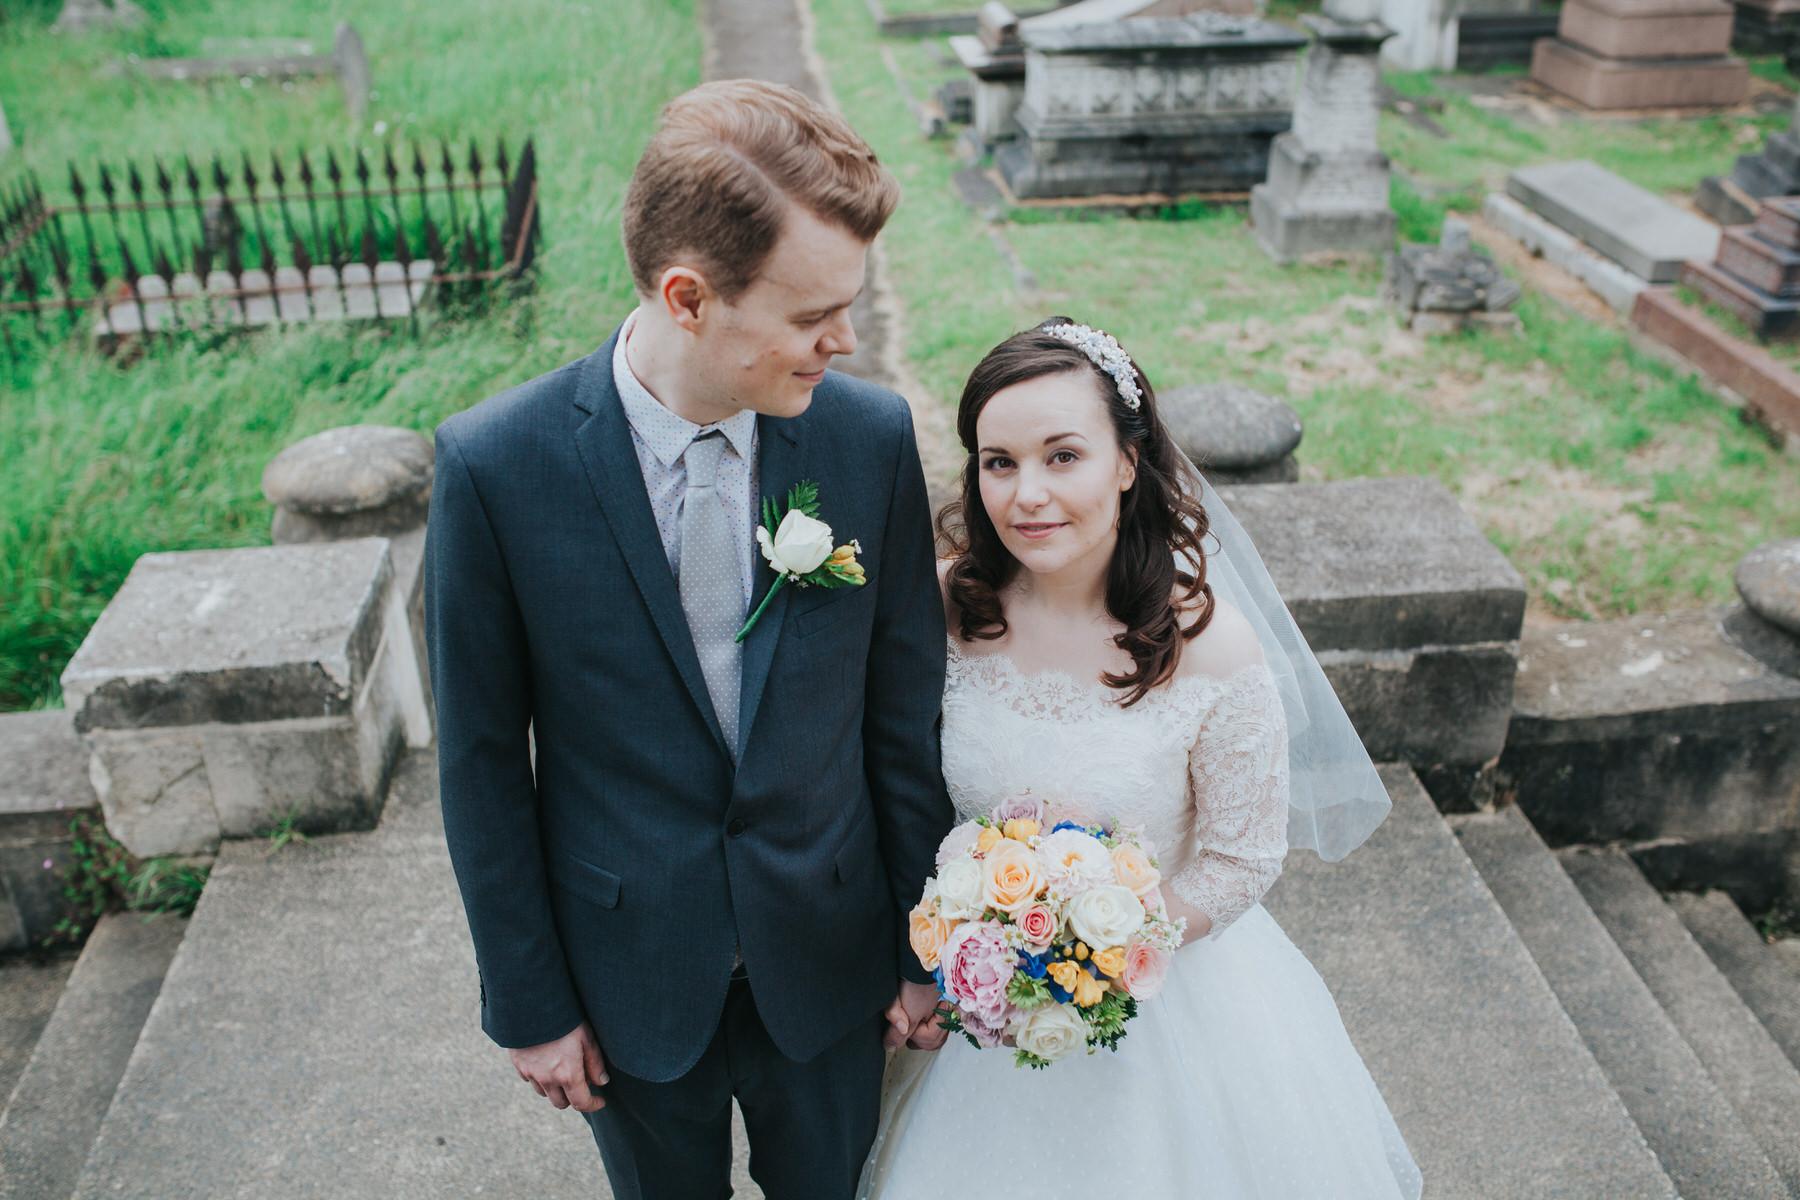 Brompton Cemetery bride groom wedding portraits.jpg